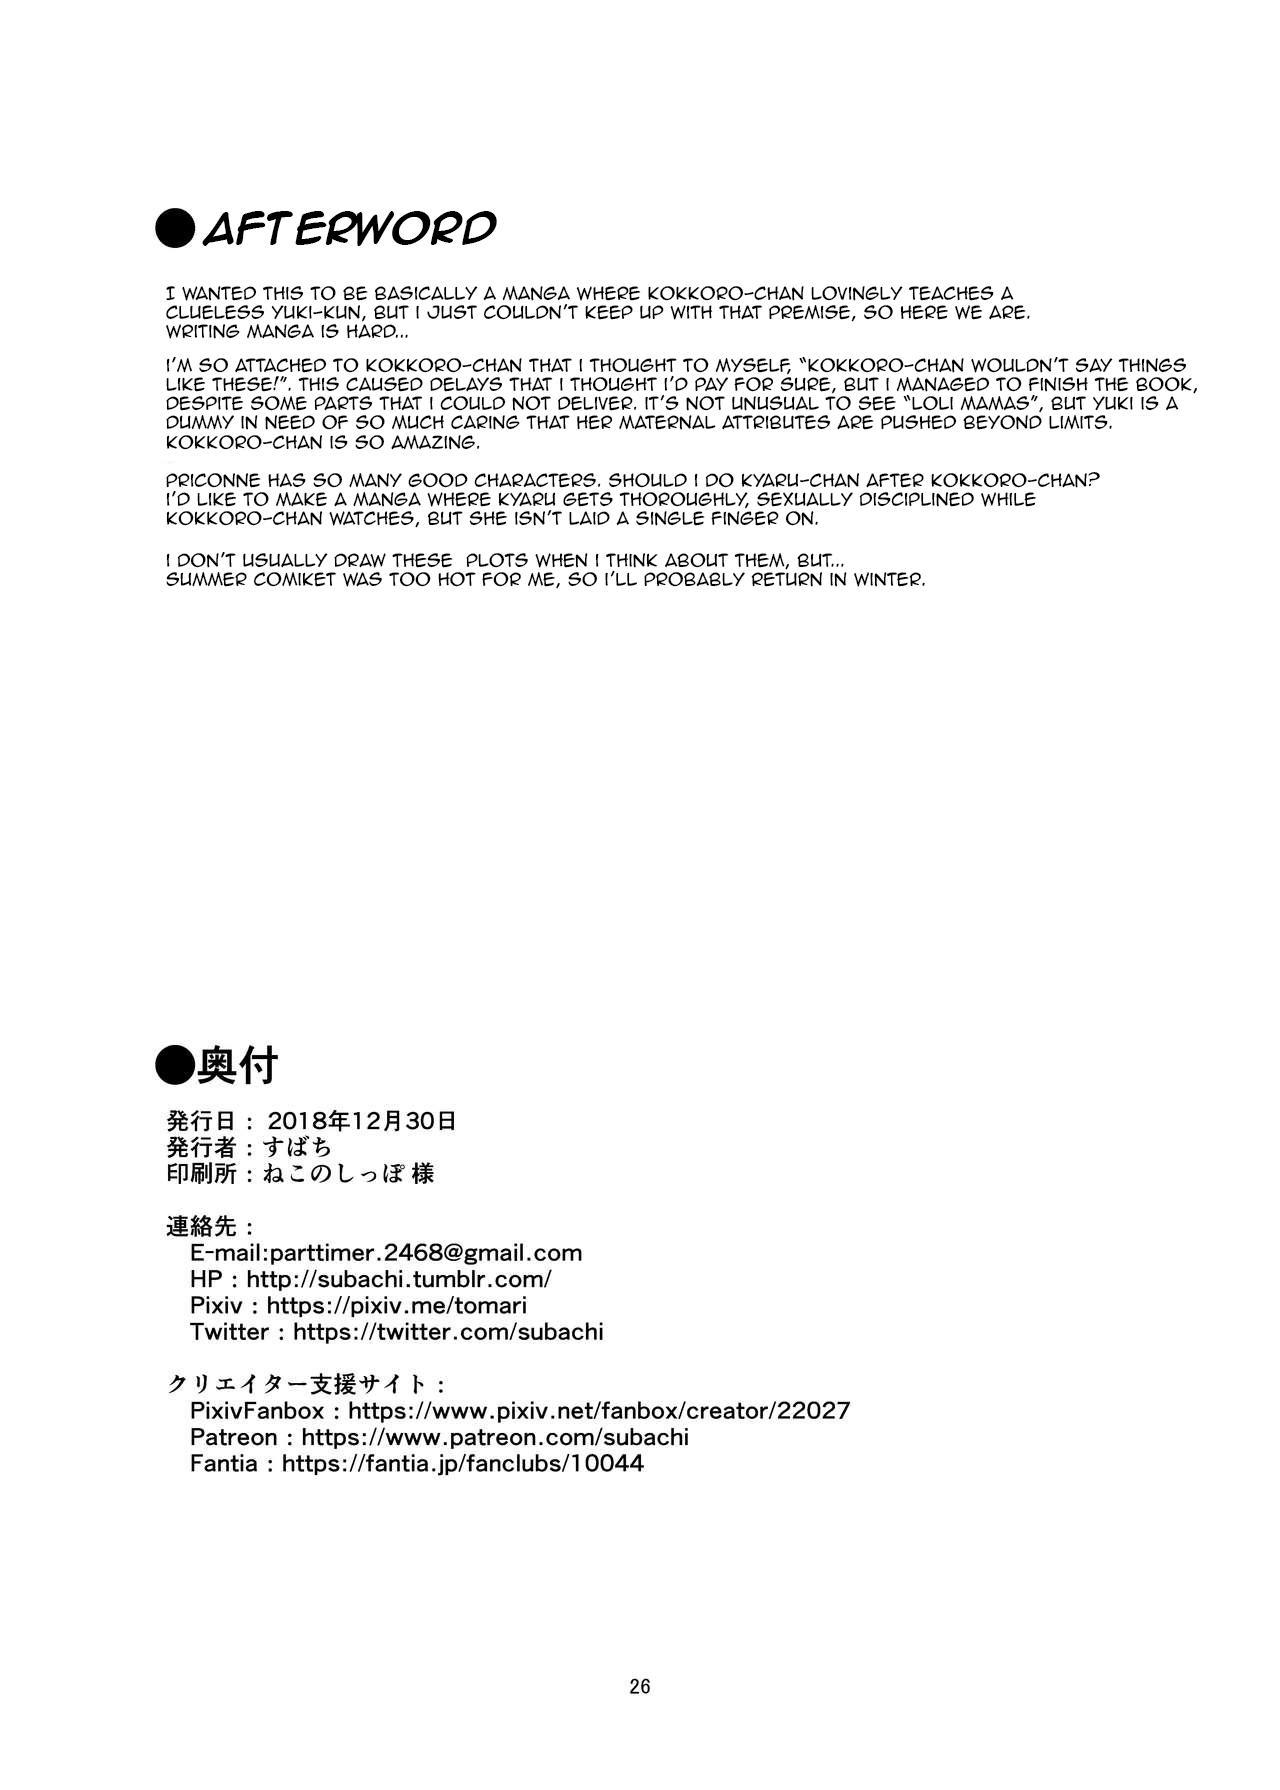 [Subachikyu! (Subachi)] Kokkoro-chan o Ecchi na Me de Minaide Kudasai!! | Don't look at Kokkoro-chan with Lewd Eyes!! (Princess Connect! Re:Dive) [English] [ekiB] [Digital] 25